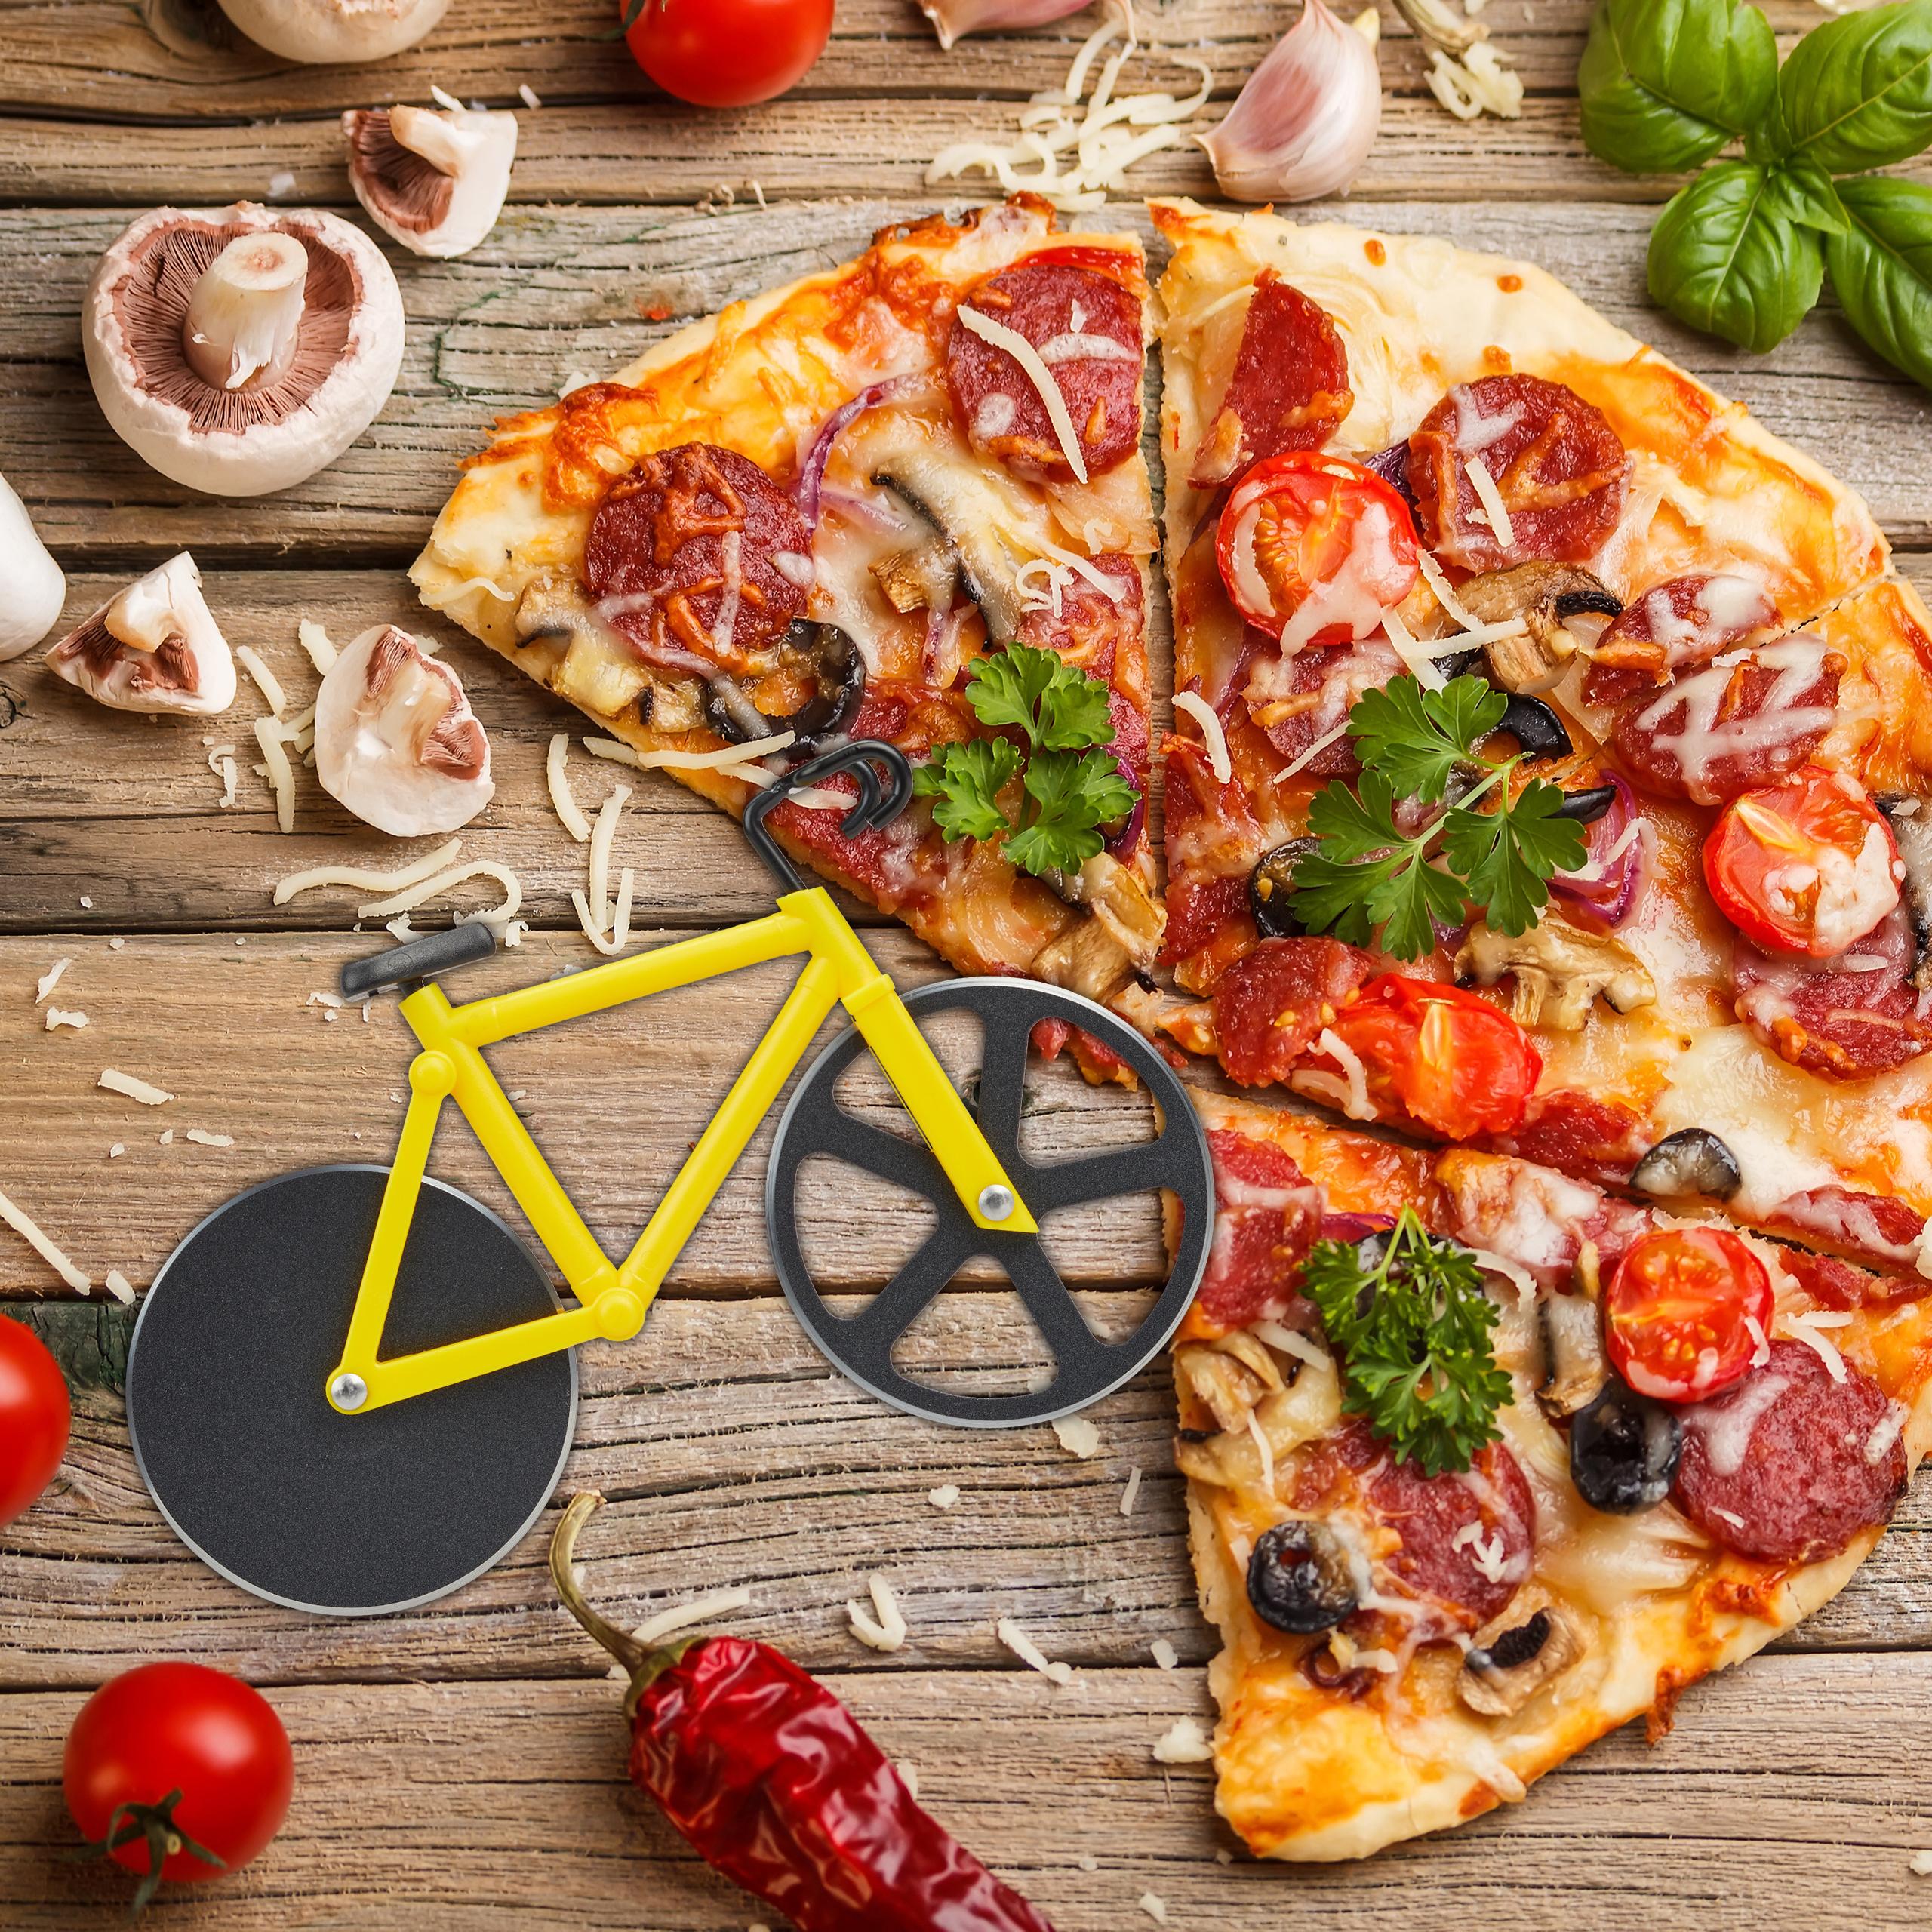 Fahrrad-Pizzaschneider-Teigschneider-Pizzamesser-Pizzaroller-Bunt-Schneiderad thumbnail 7